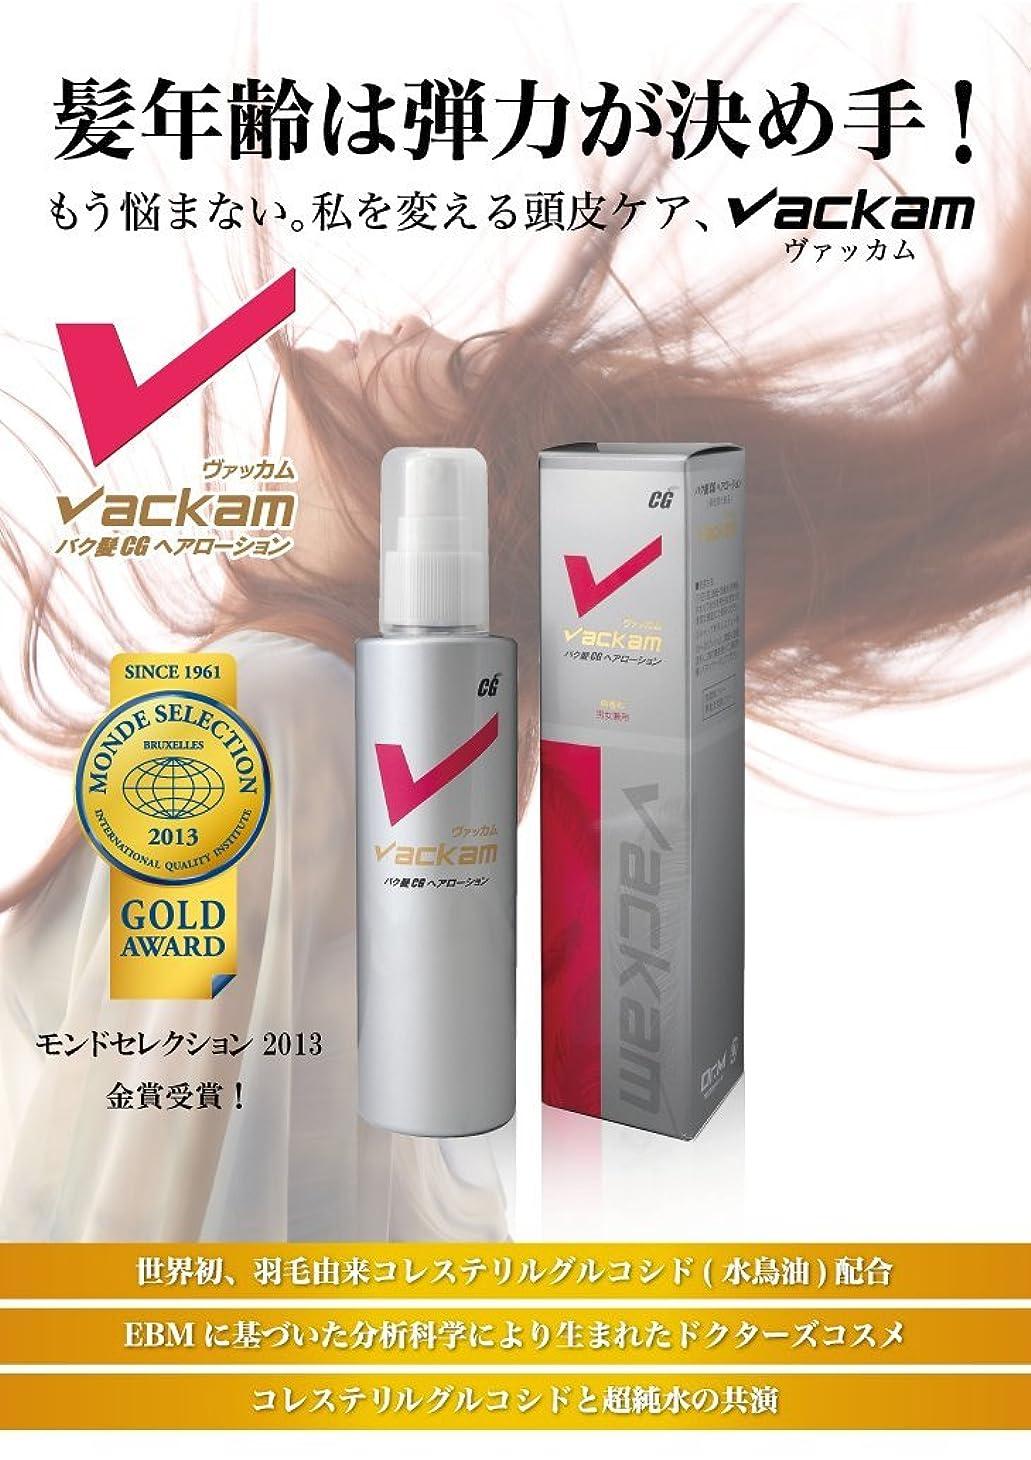 熟考する気をつけて反応する頭皮用化粧品 バク髪CGヘアローションVackam ヴァッカム 男女兼用 モンドセレクション2013金賞受賞